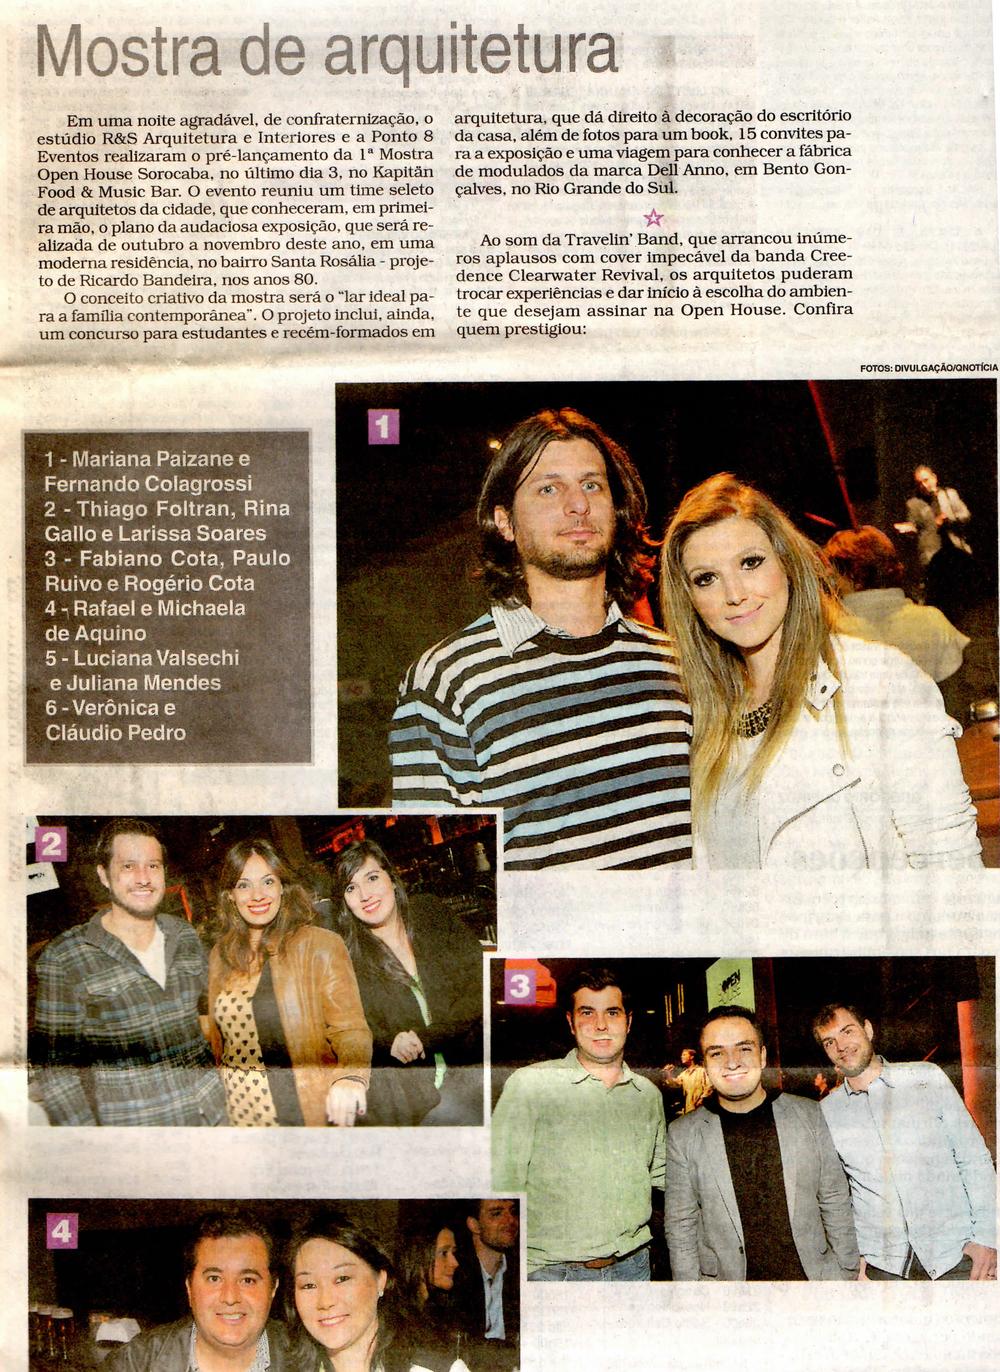 06 JUNHO 2014_jornal cruzeiro do sul.jpg